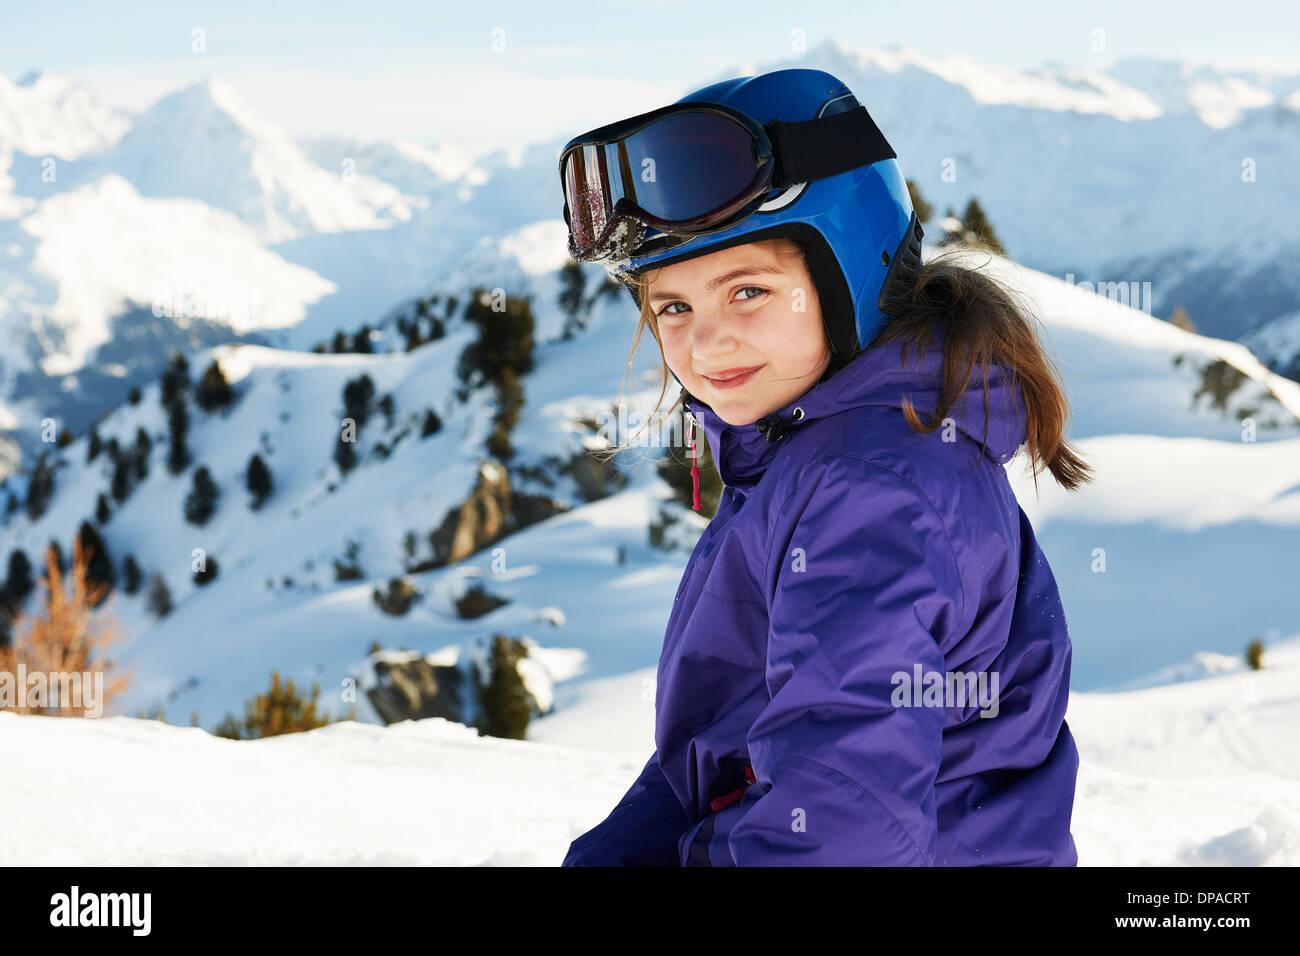 Retrato de niña en esquí, Les Arcs, Haute-Savoie, Francia Imagen De Stock